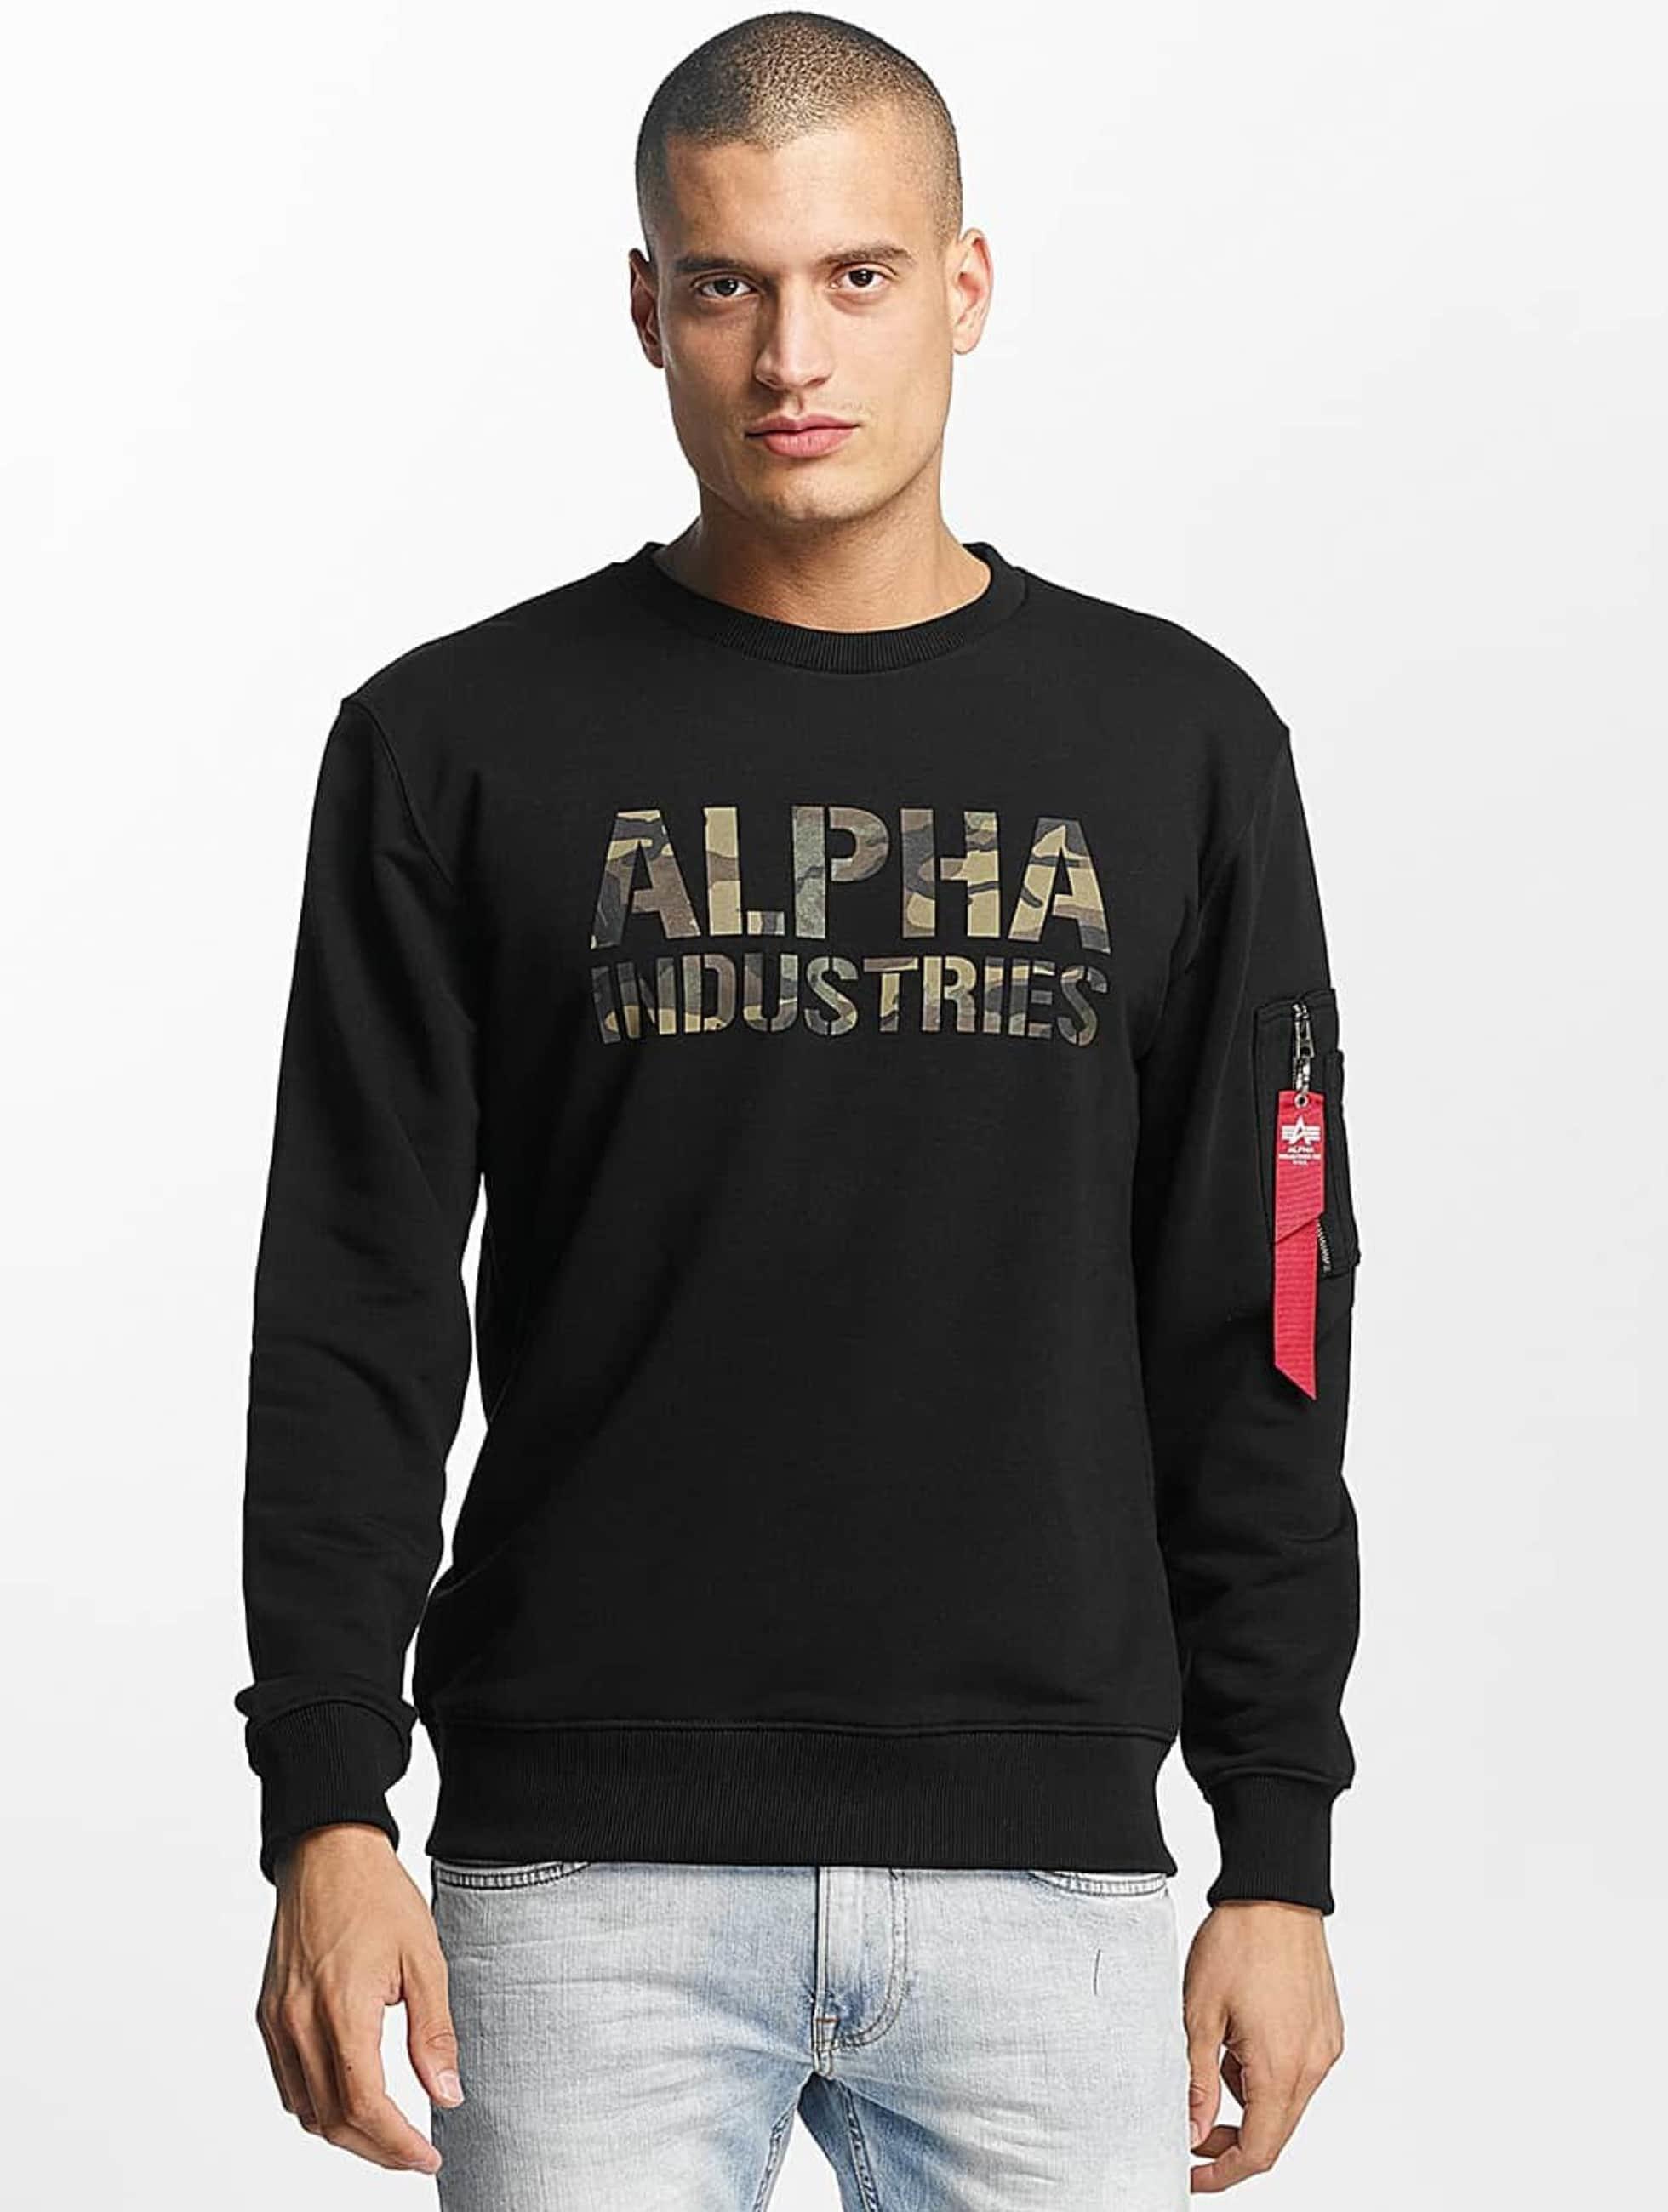 alpha industries pullover schwarz modische jacken dieser. Black Bedroom Furniture Sets. Home Design Ideas